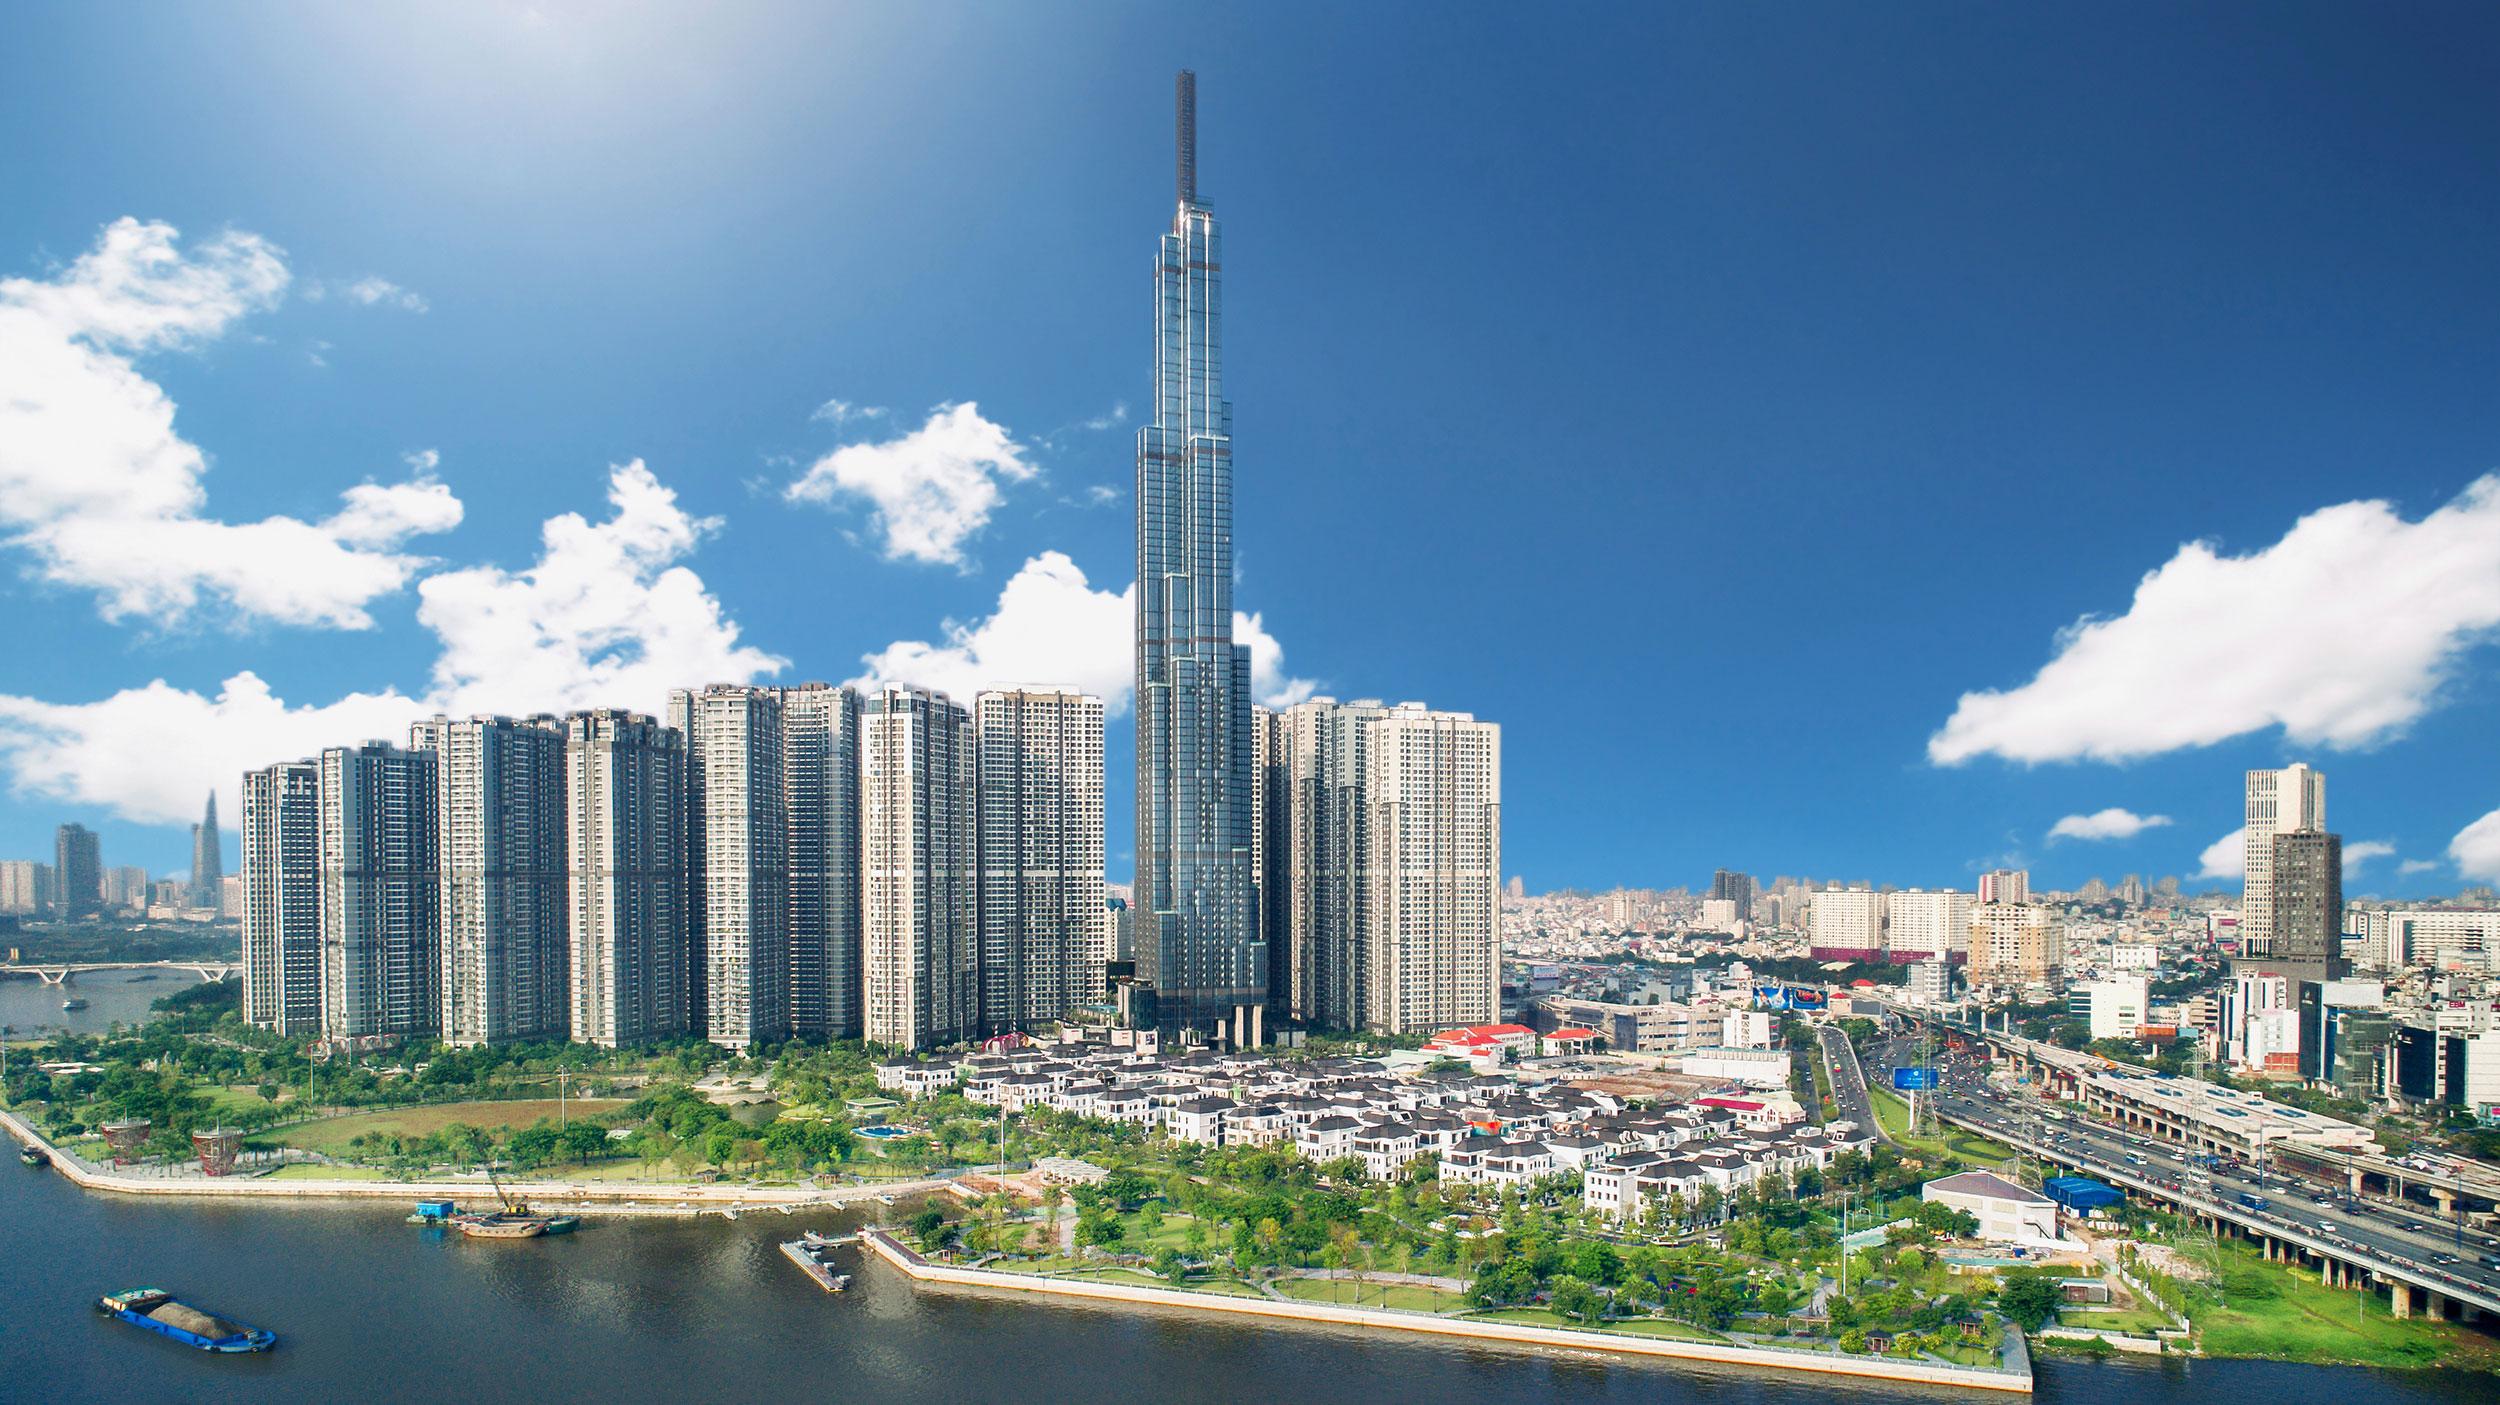 Hé lộ kế hoạch đầu tư bất động sản 2020 của Vingroup